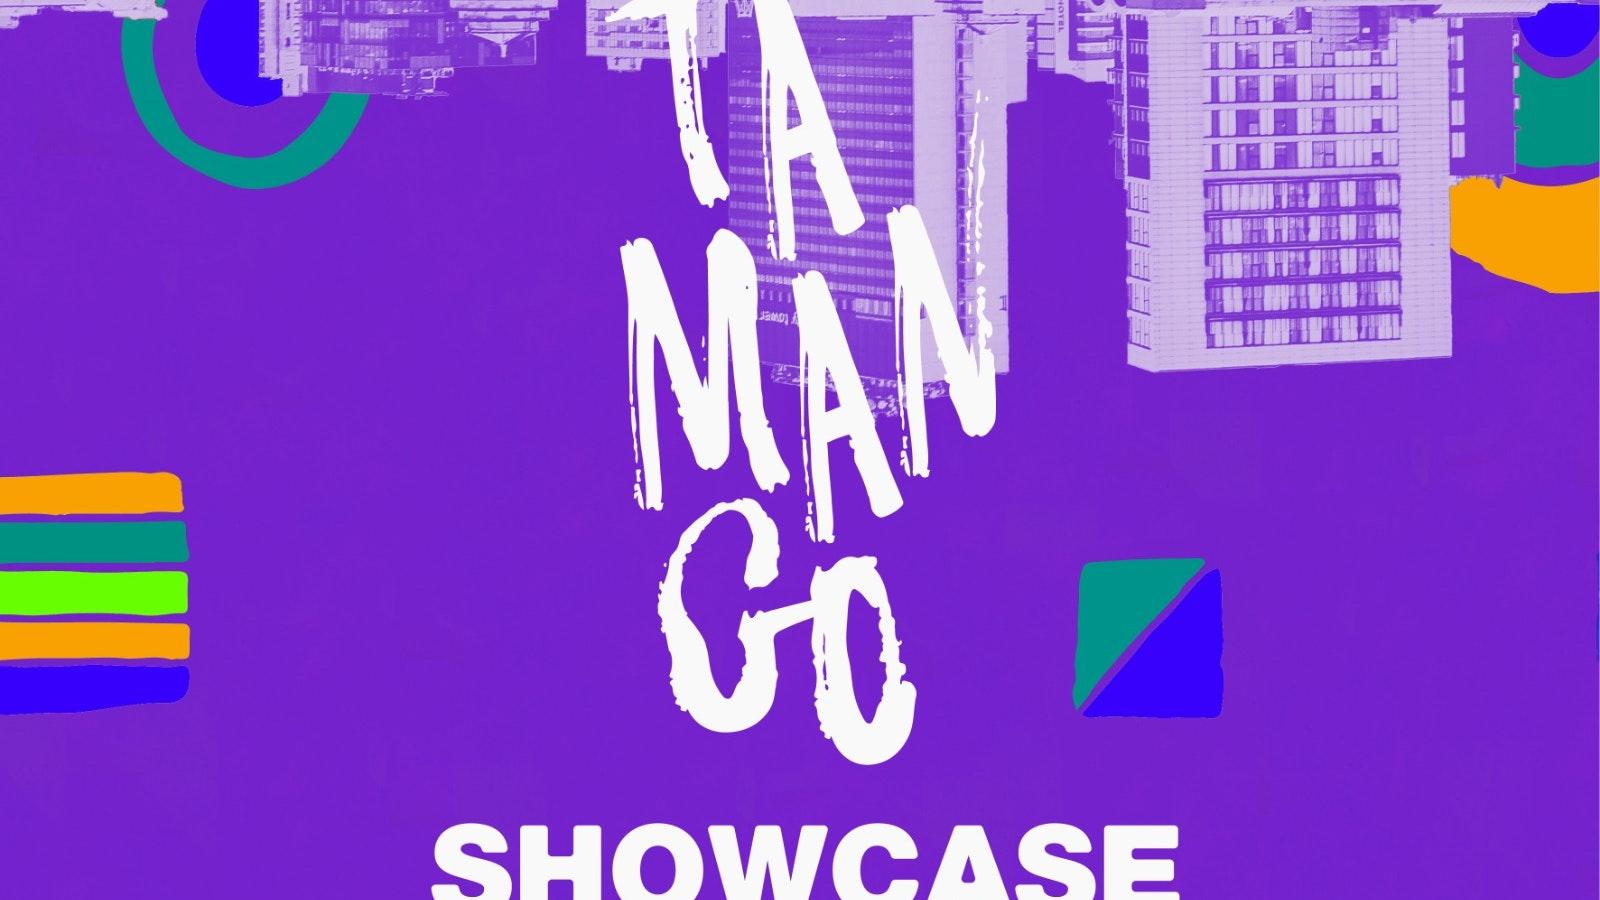 Tamango MCR Showcase